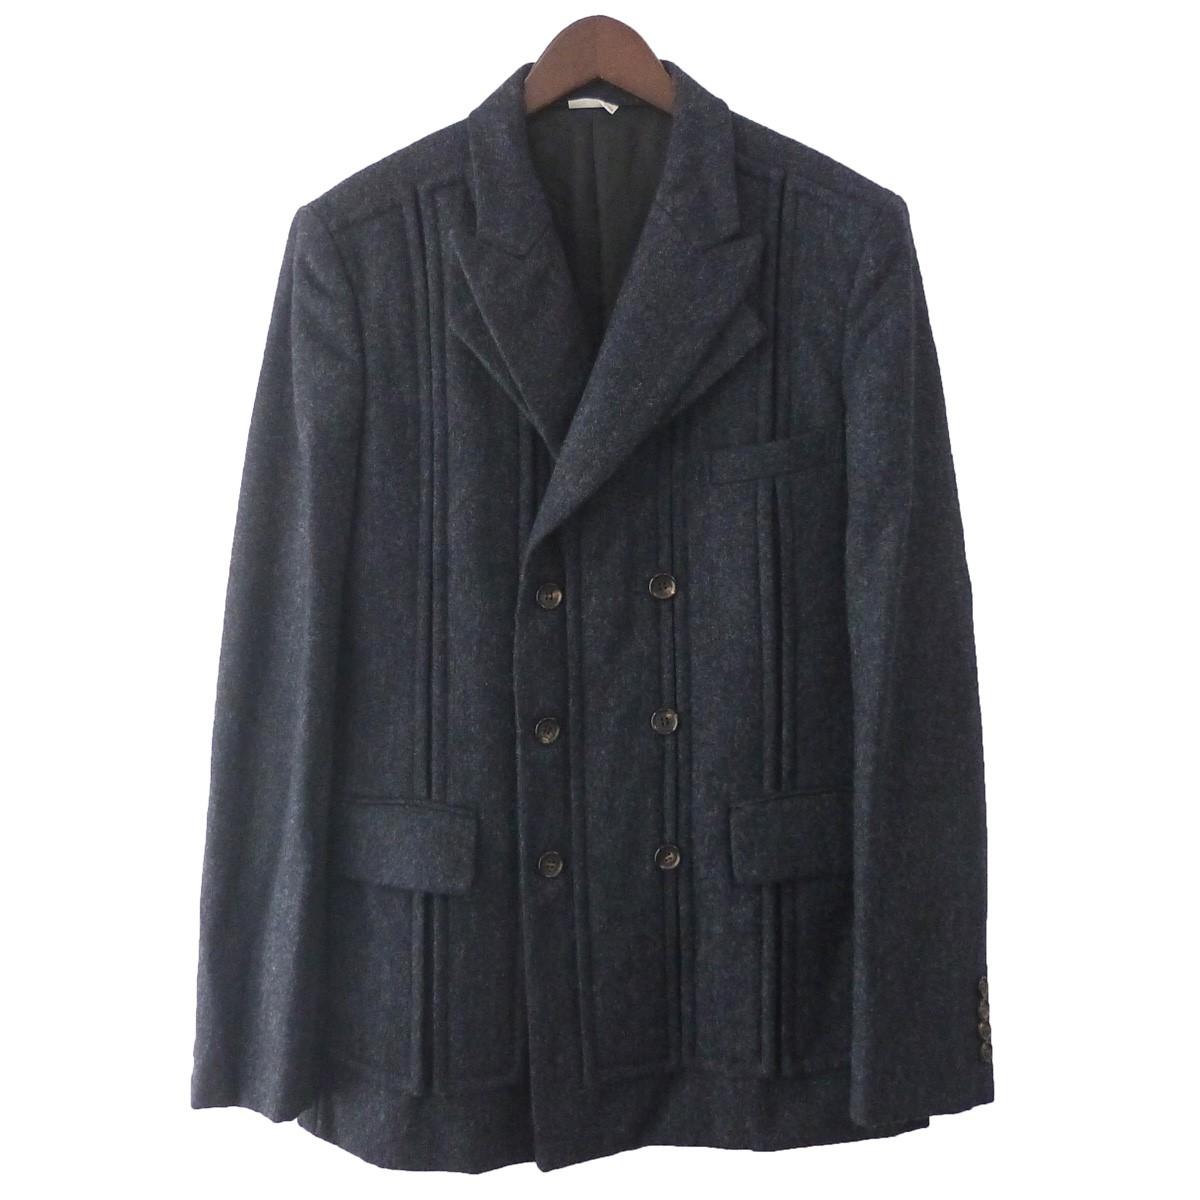 【中古】COMME des GARCONS HOMME DEUX 18AW ダブルプレストジャケット ネイビー サイズ:M 【201219】(コムデギャルソンオムドゥ)